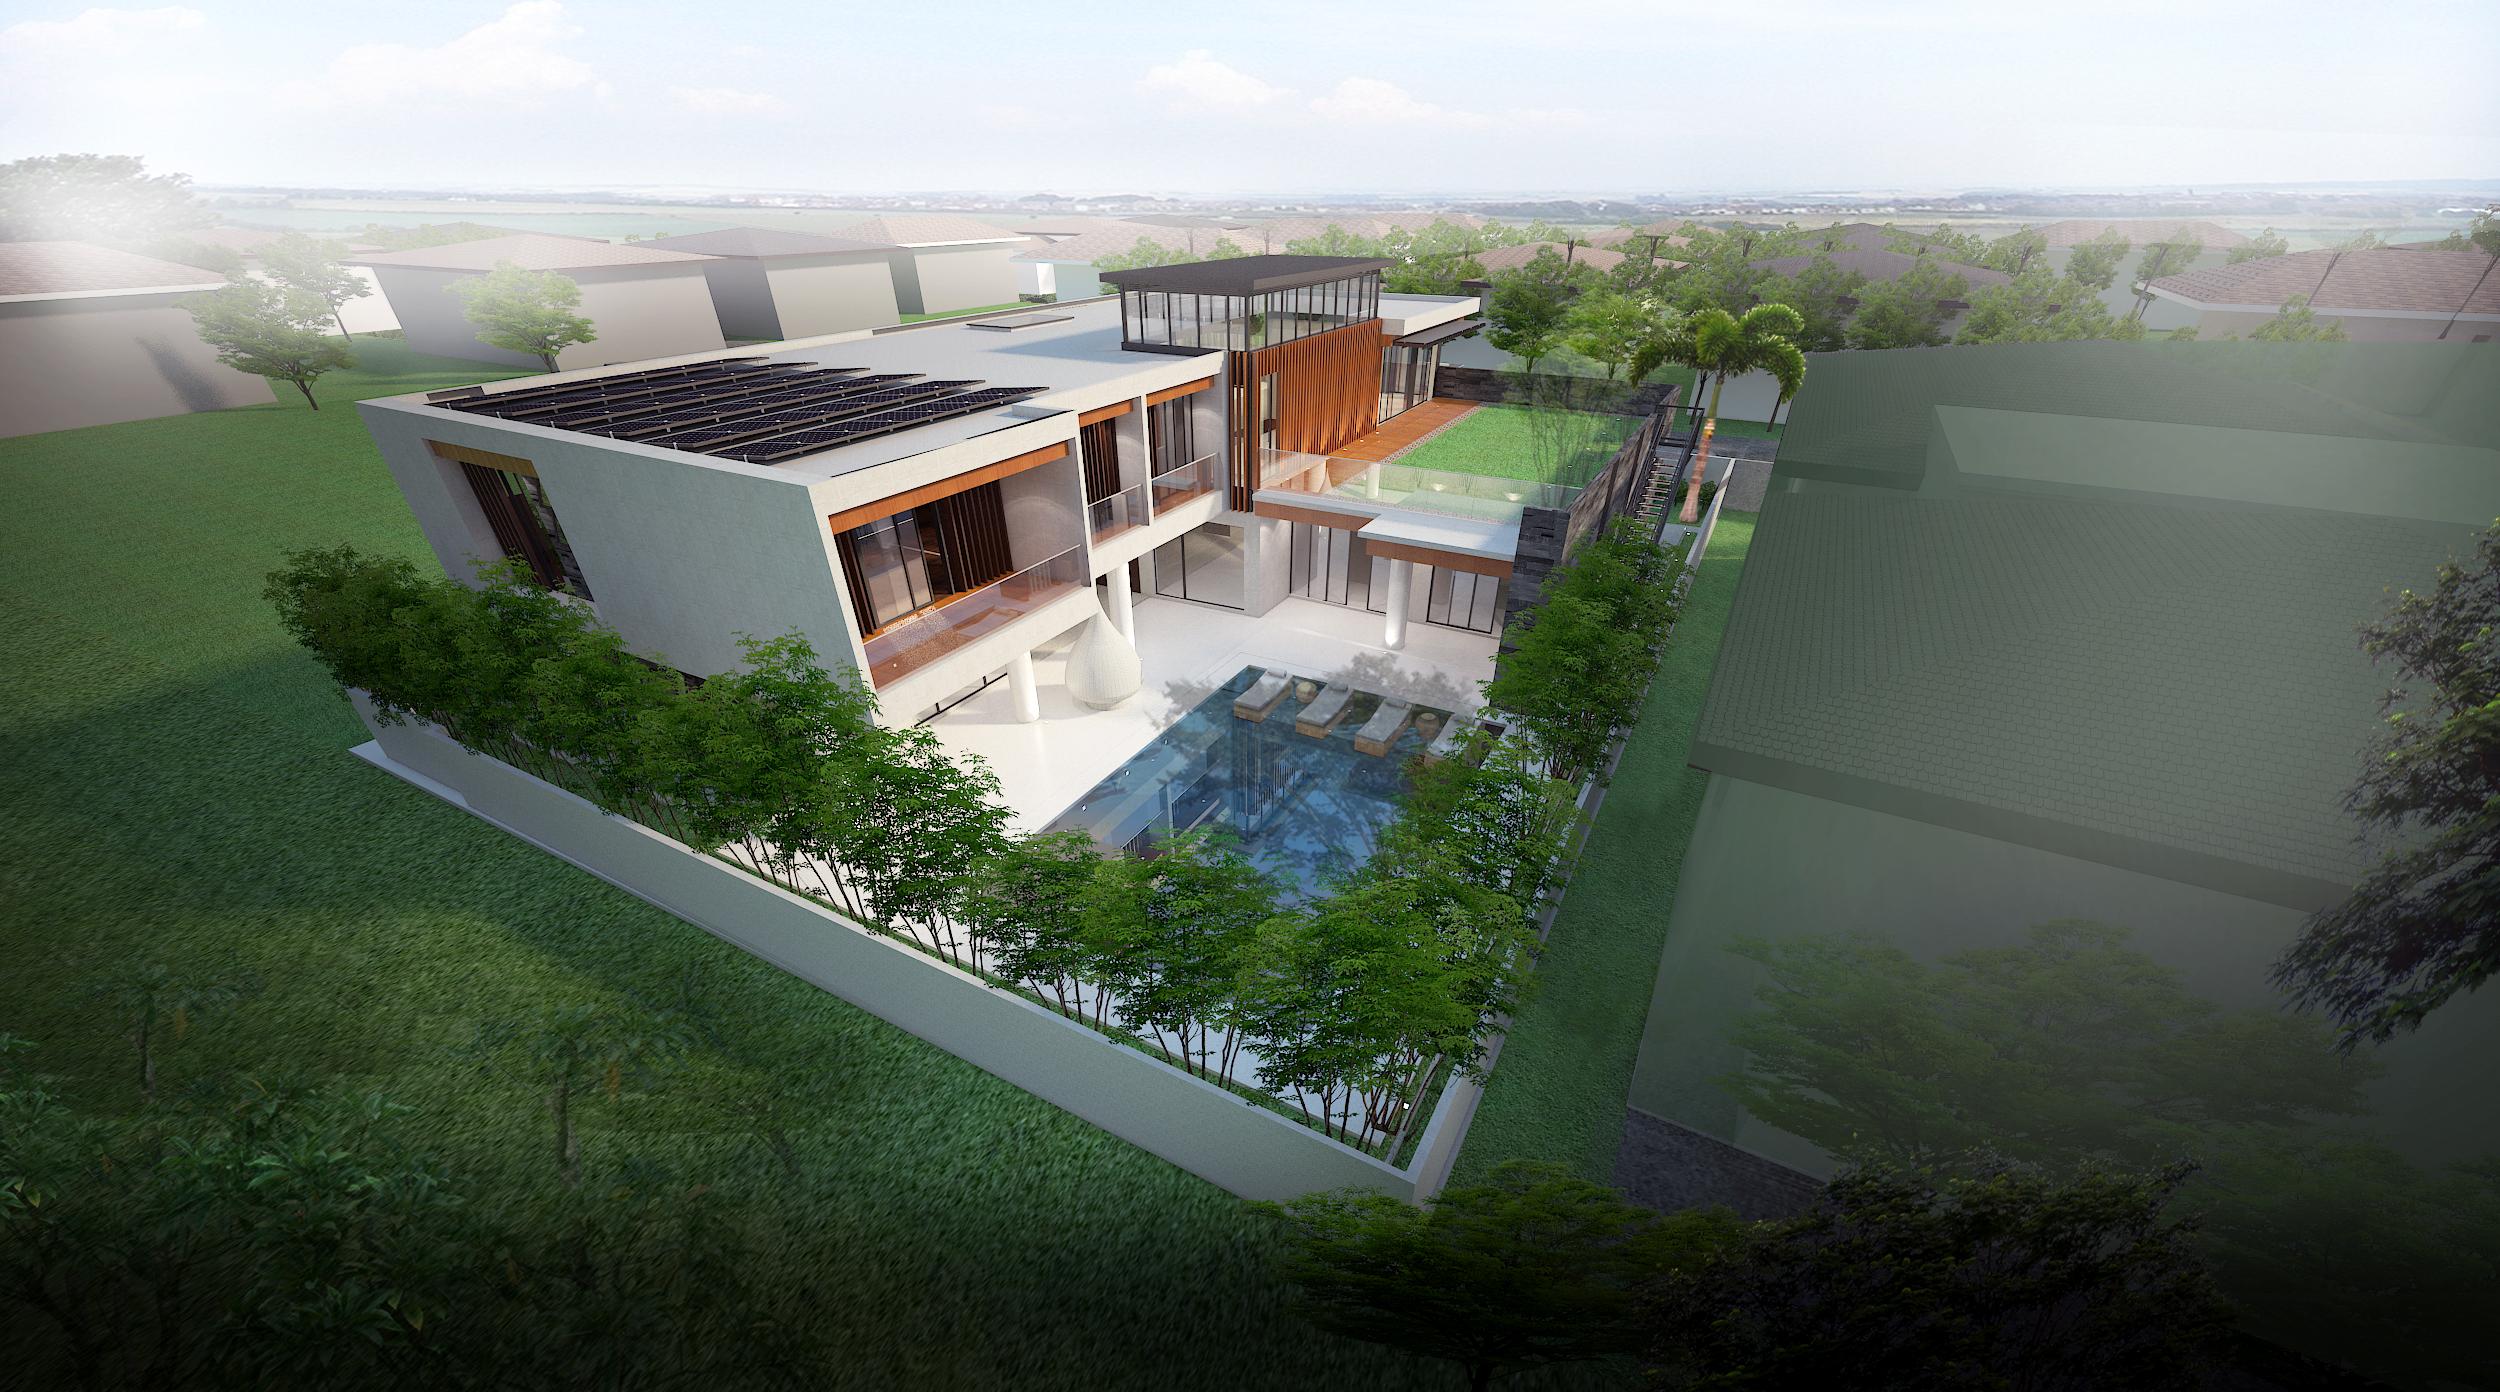 Dasma House Renders_Rey Ejanda1.jpg